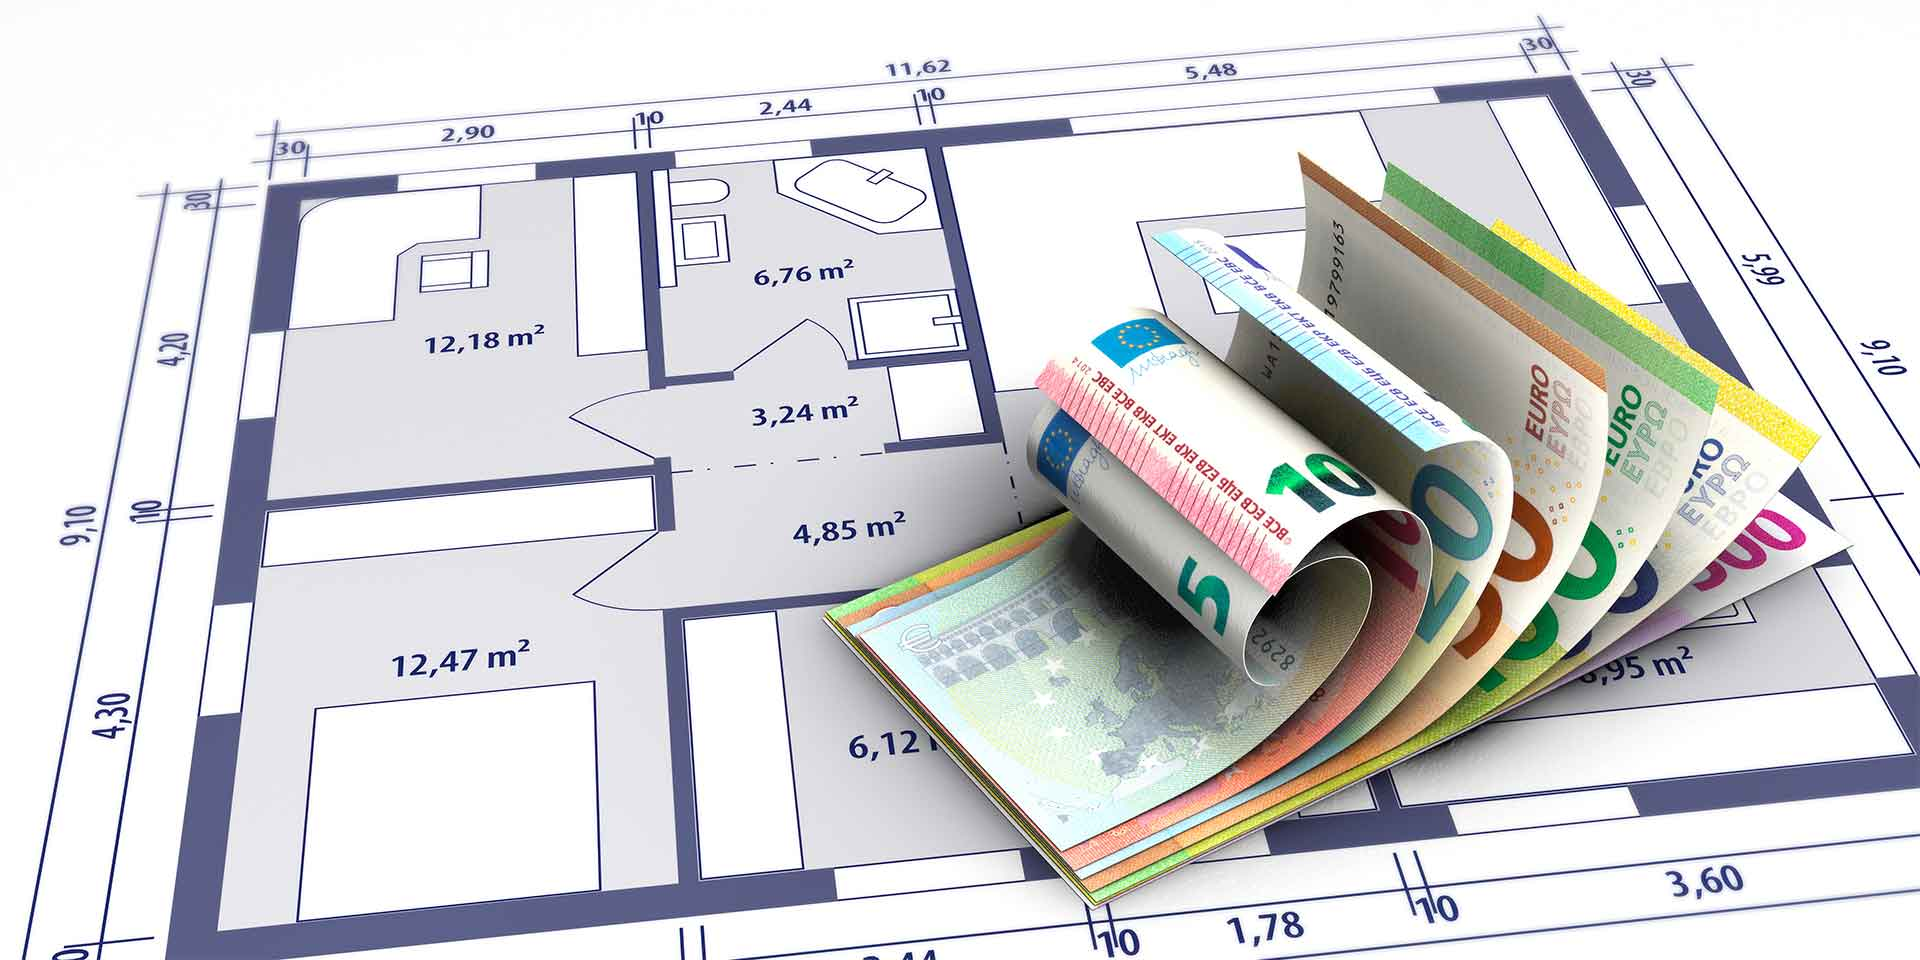 Bündel Geldscheine liegt auf einem Bauplan